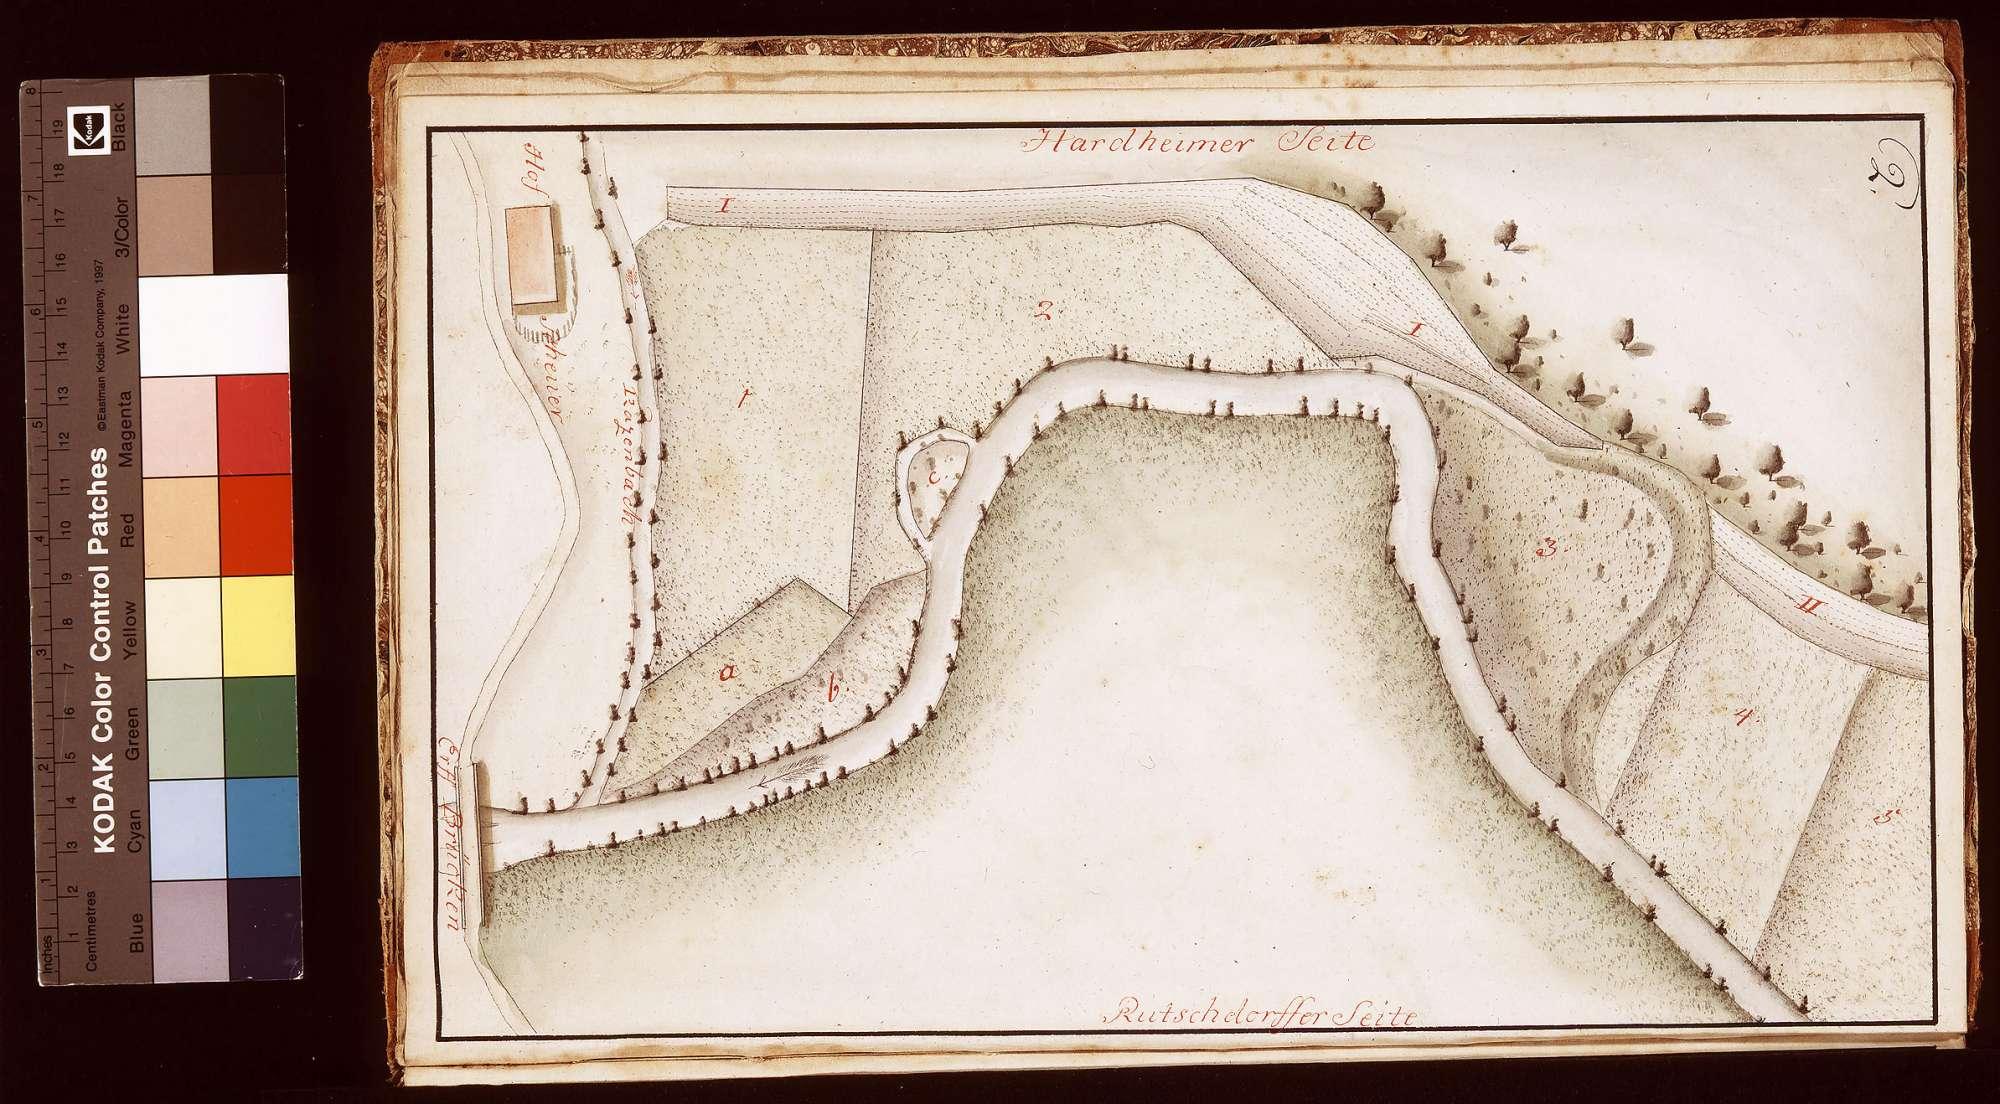 Geometrische Aufnahme der zum Hof Breitenau gehörigen Wiesen und übrigen Grundstücke, Blatt 2